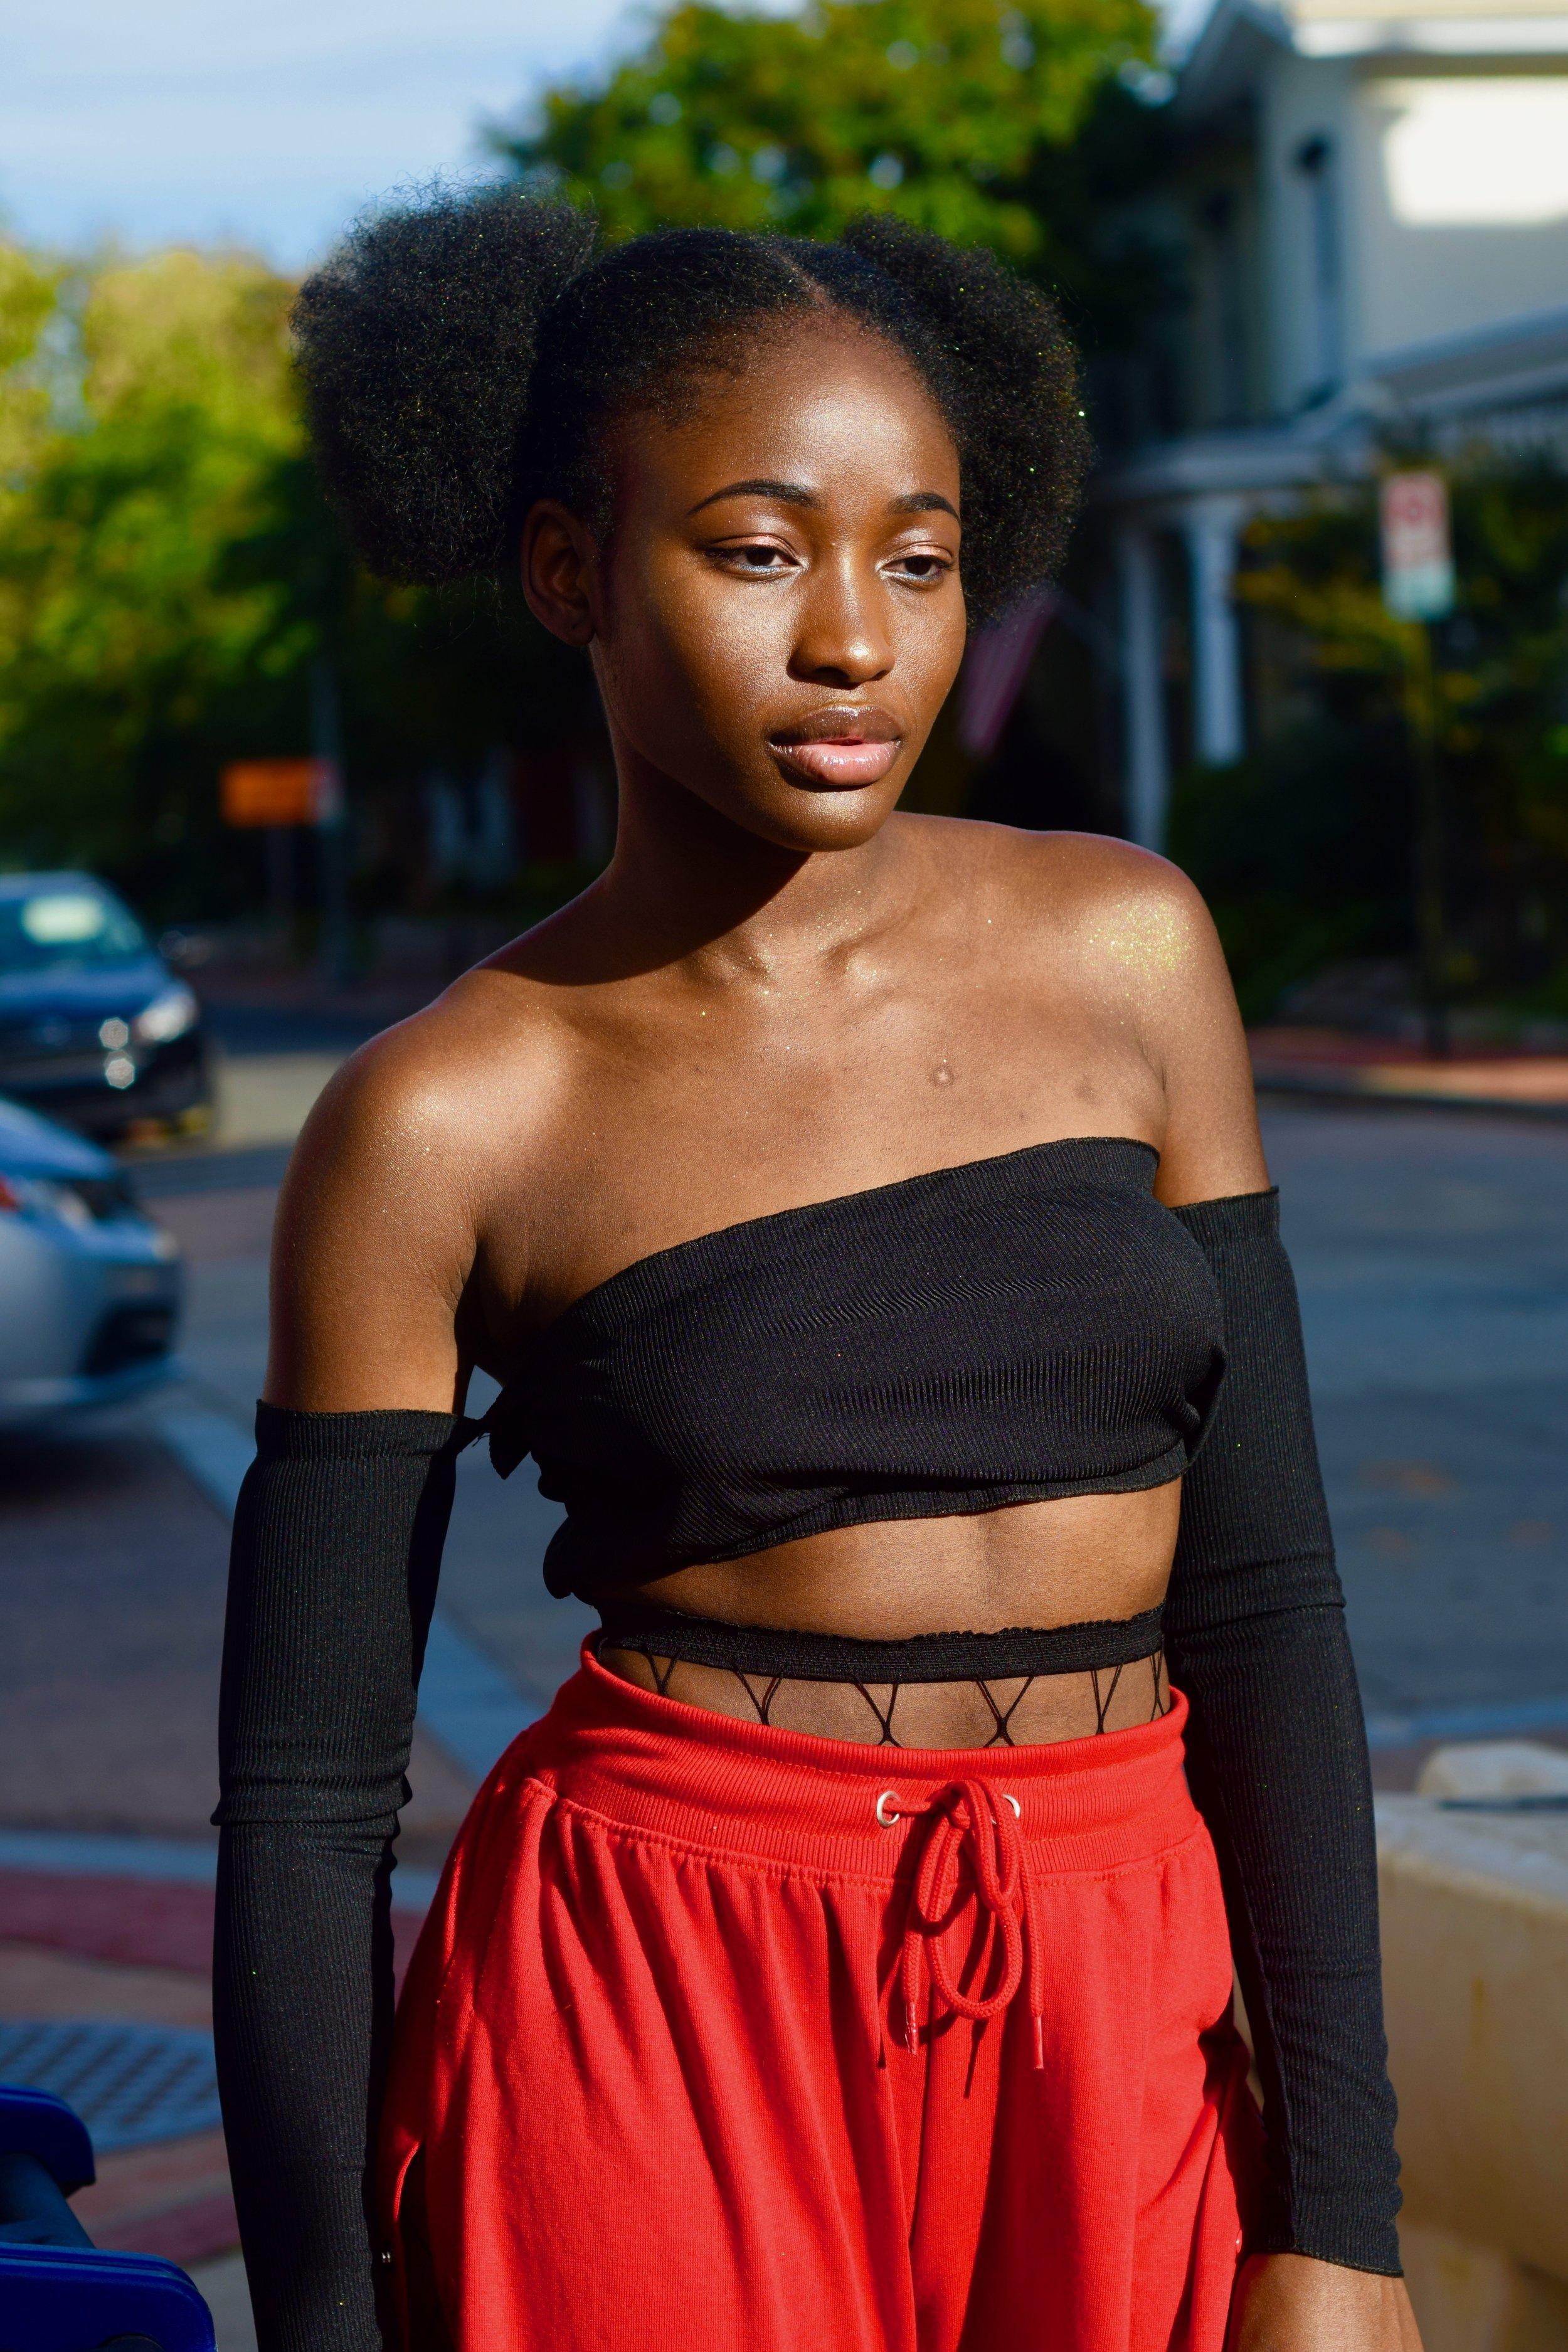 Photo by Amanda Nyang'oro